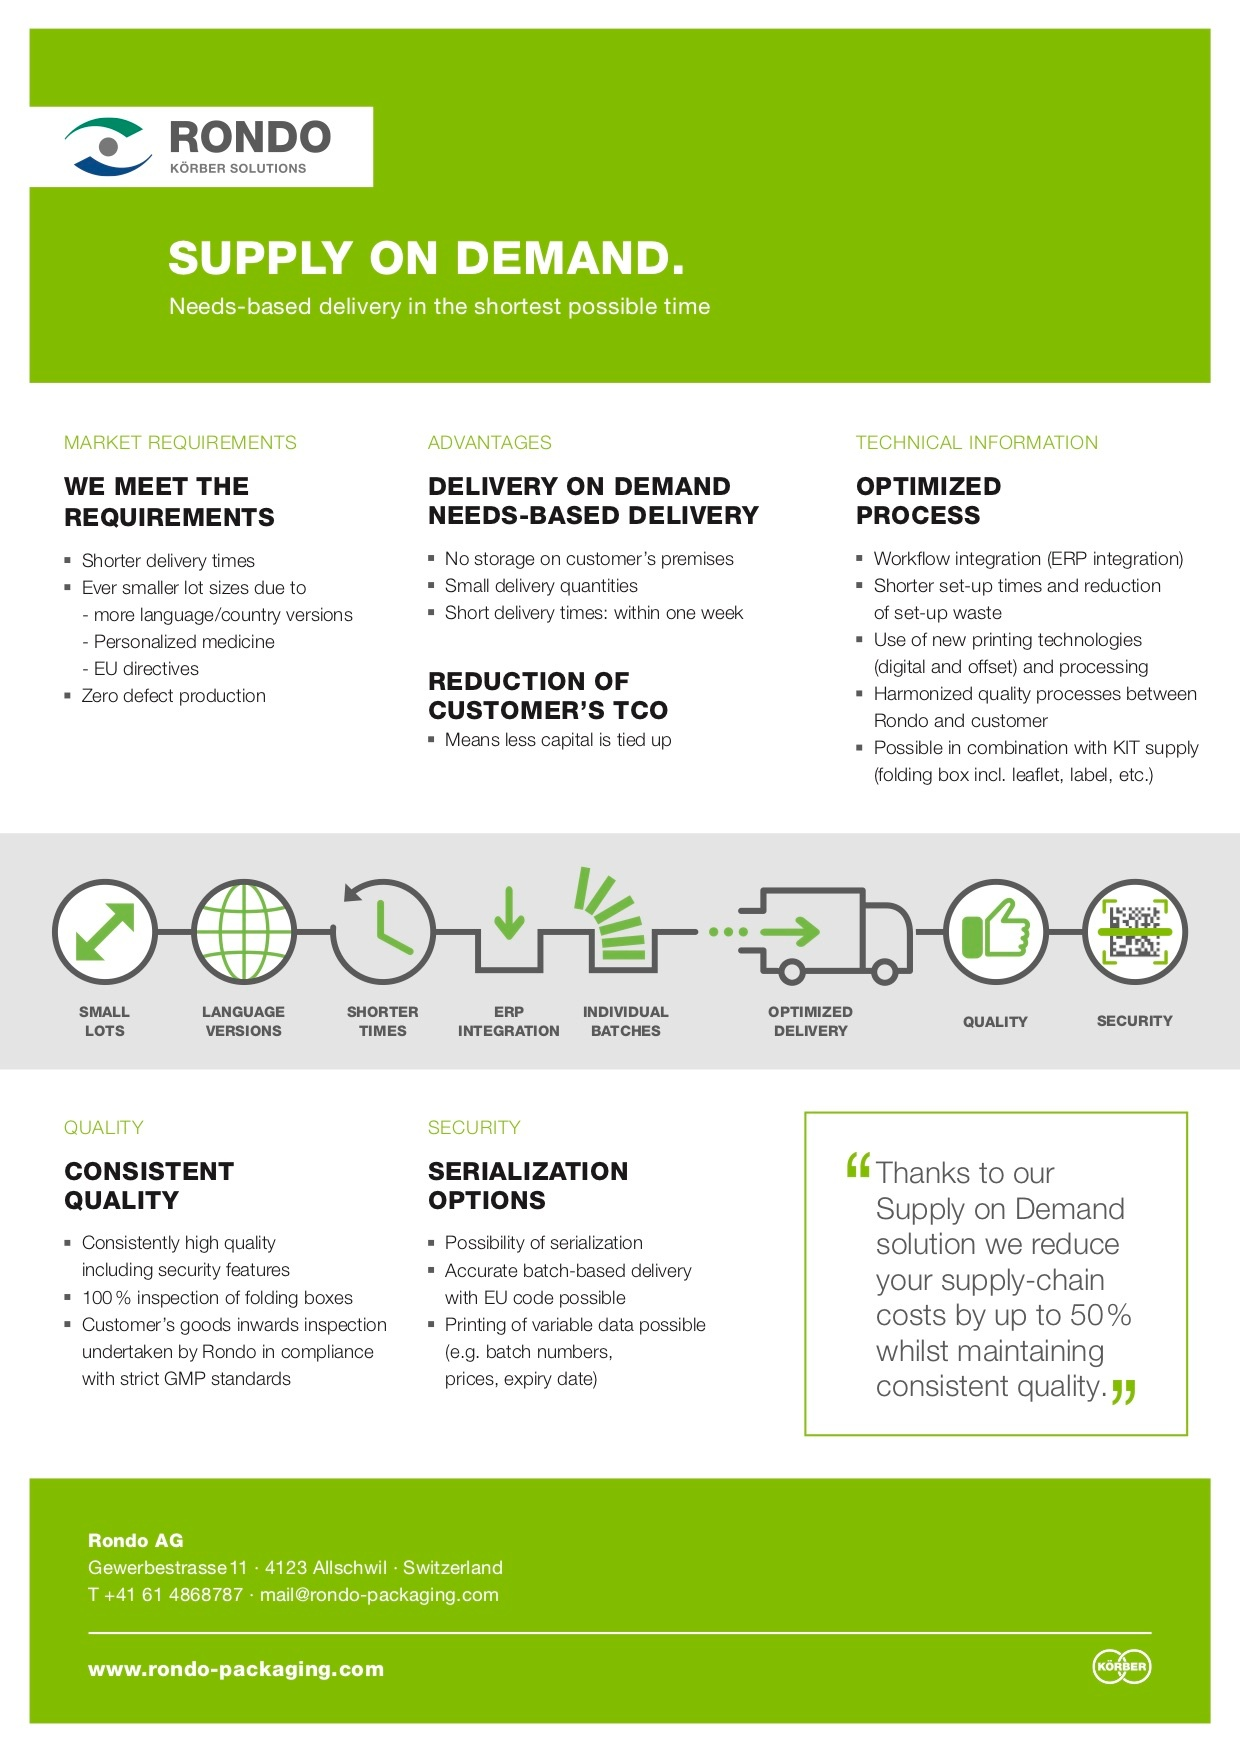 Rondo_Supply_on_Demand_online_EN